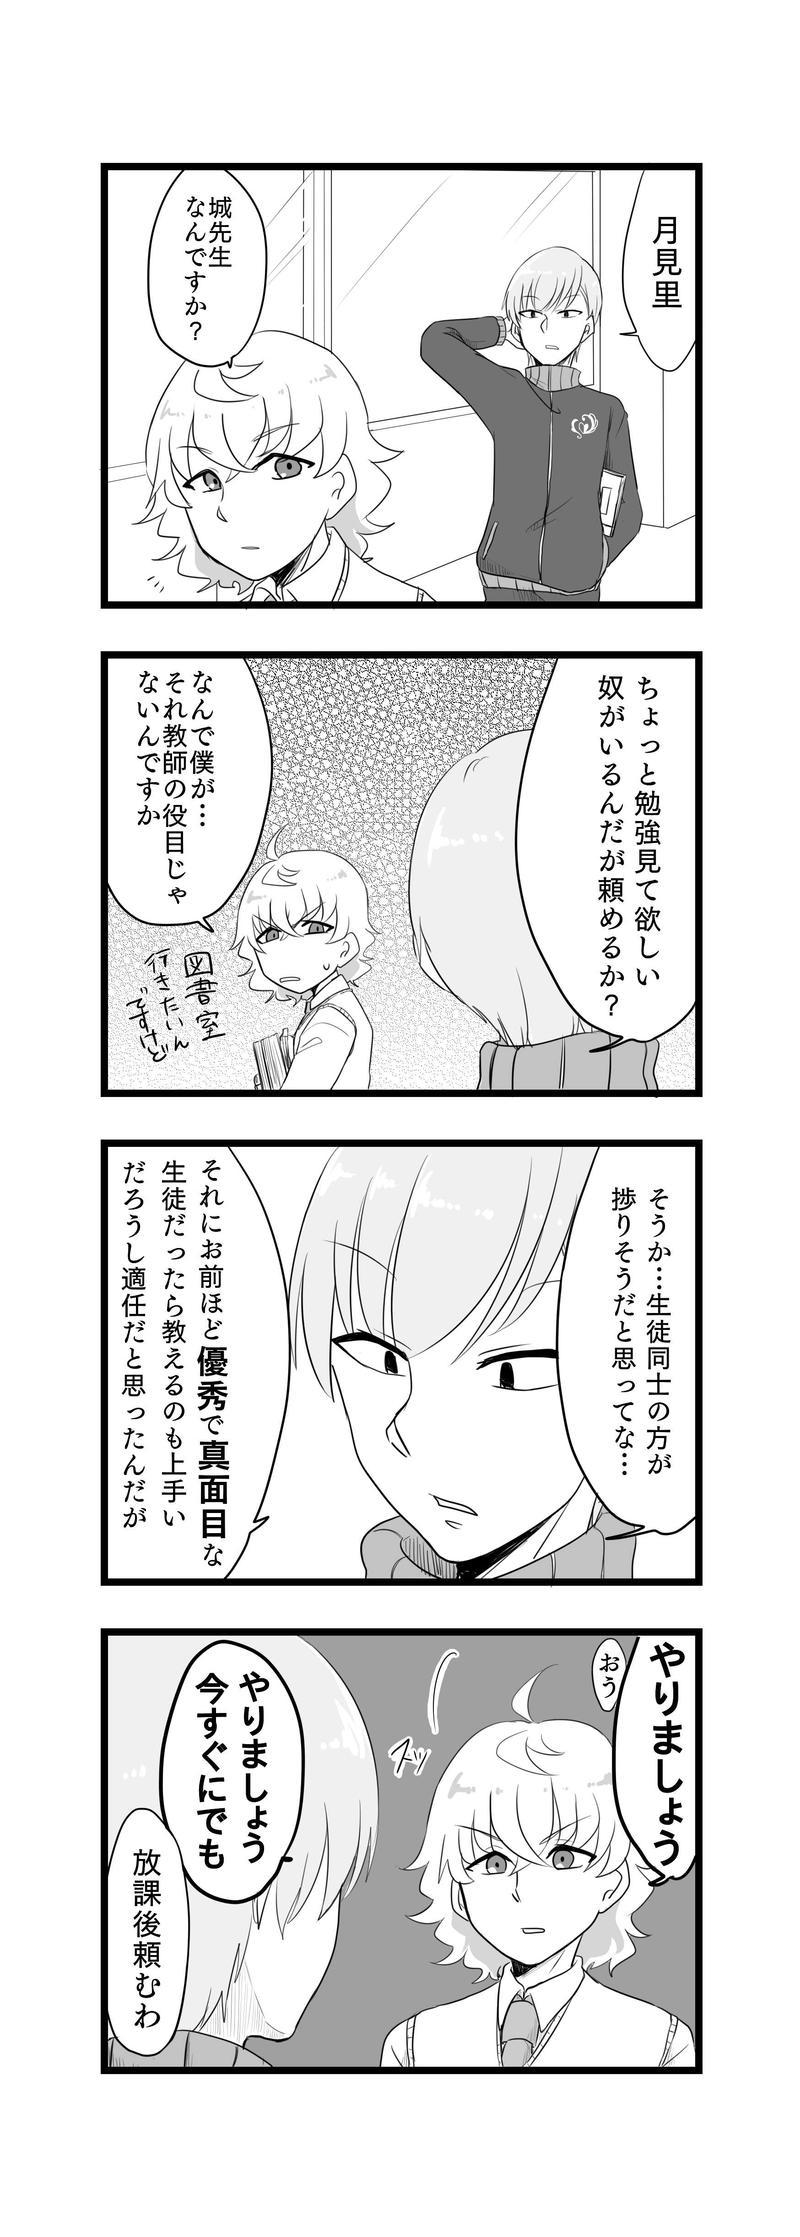 3.うさ耳パーカー